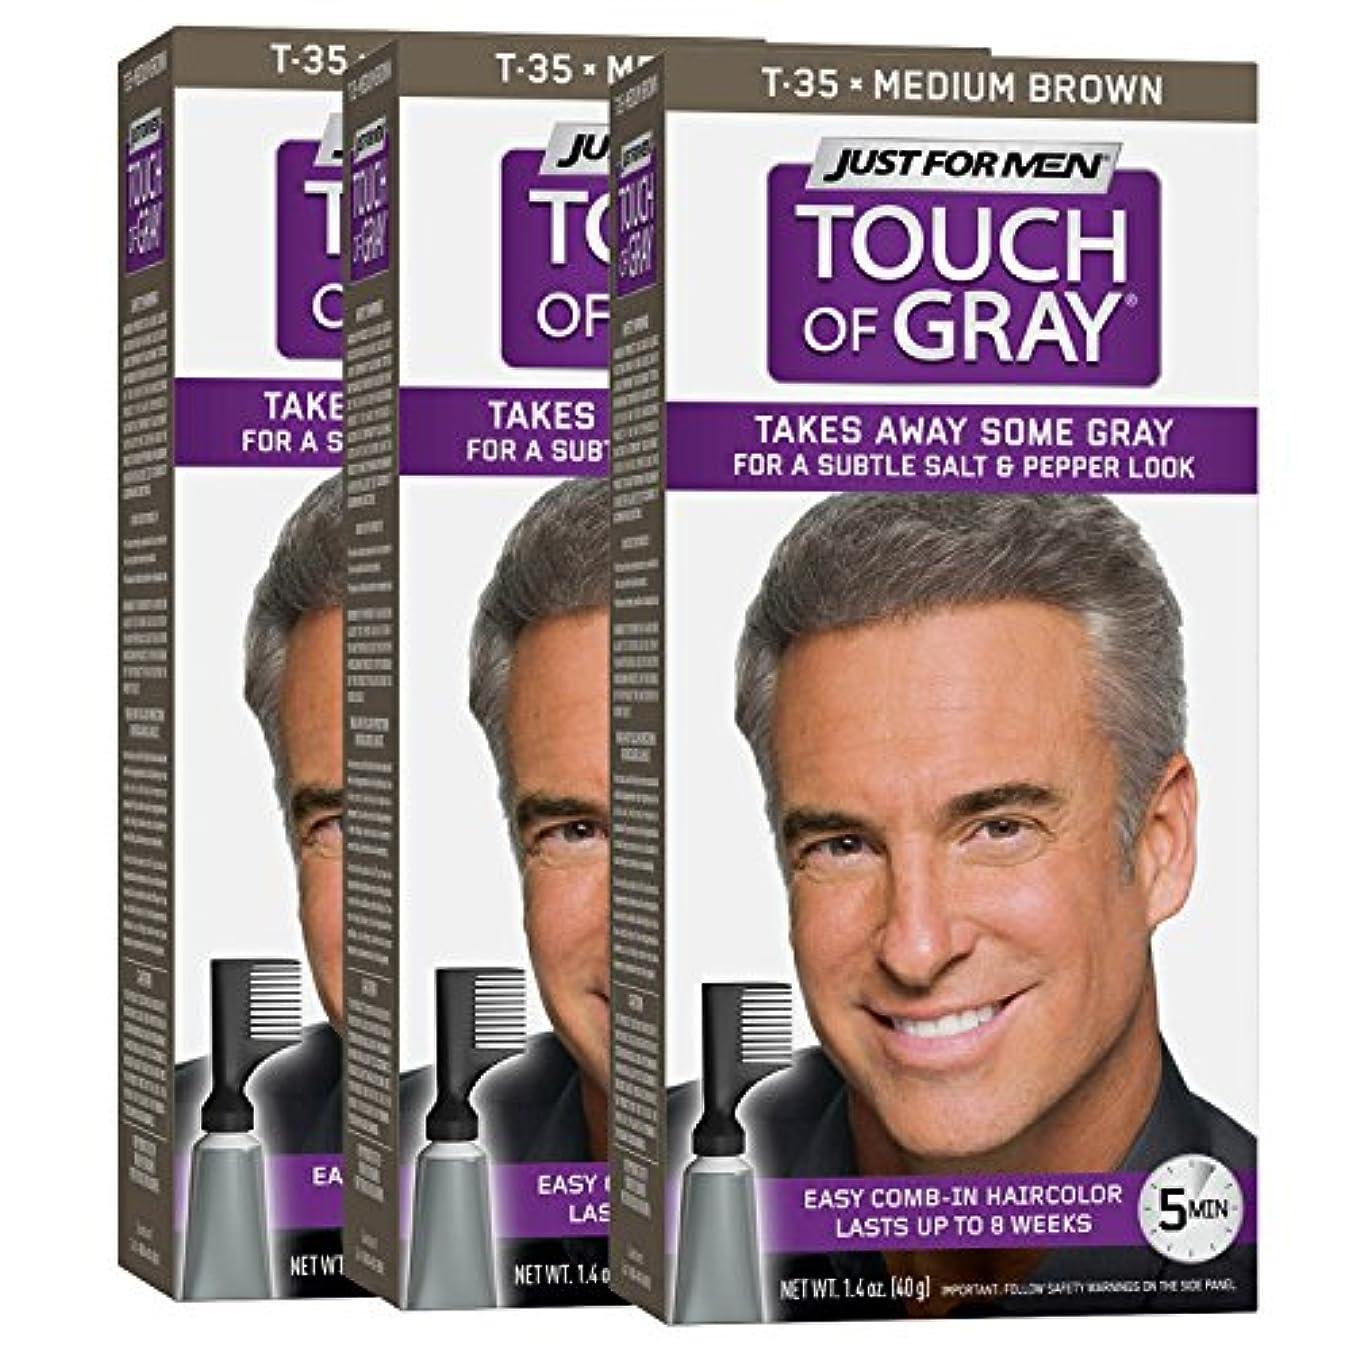 人に関する限りに同意するレクリエーションJust for Men グレーくしメンズヘアカラー、ミディアムブラウンの感触(3パック) 3パック ミディアムブラウン